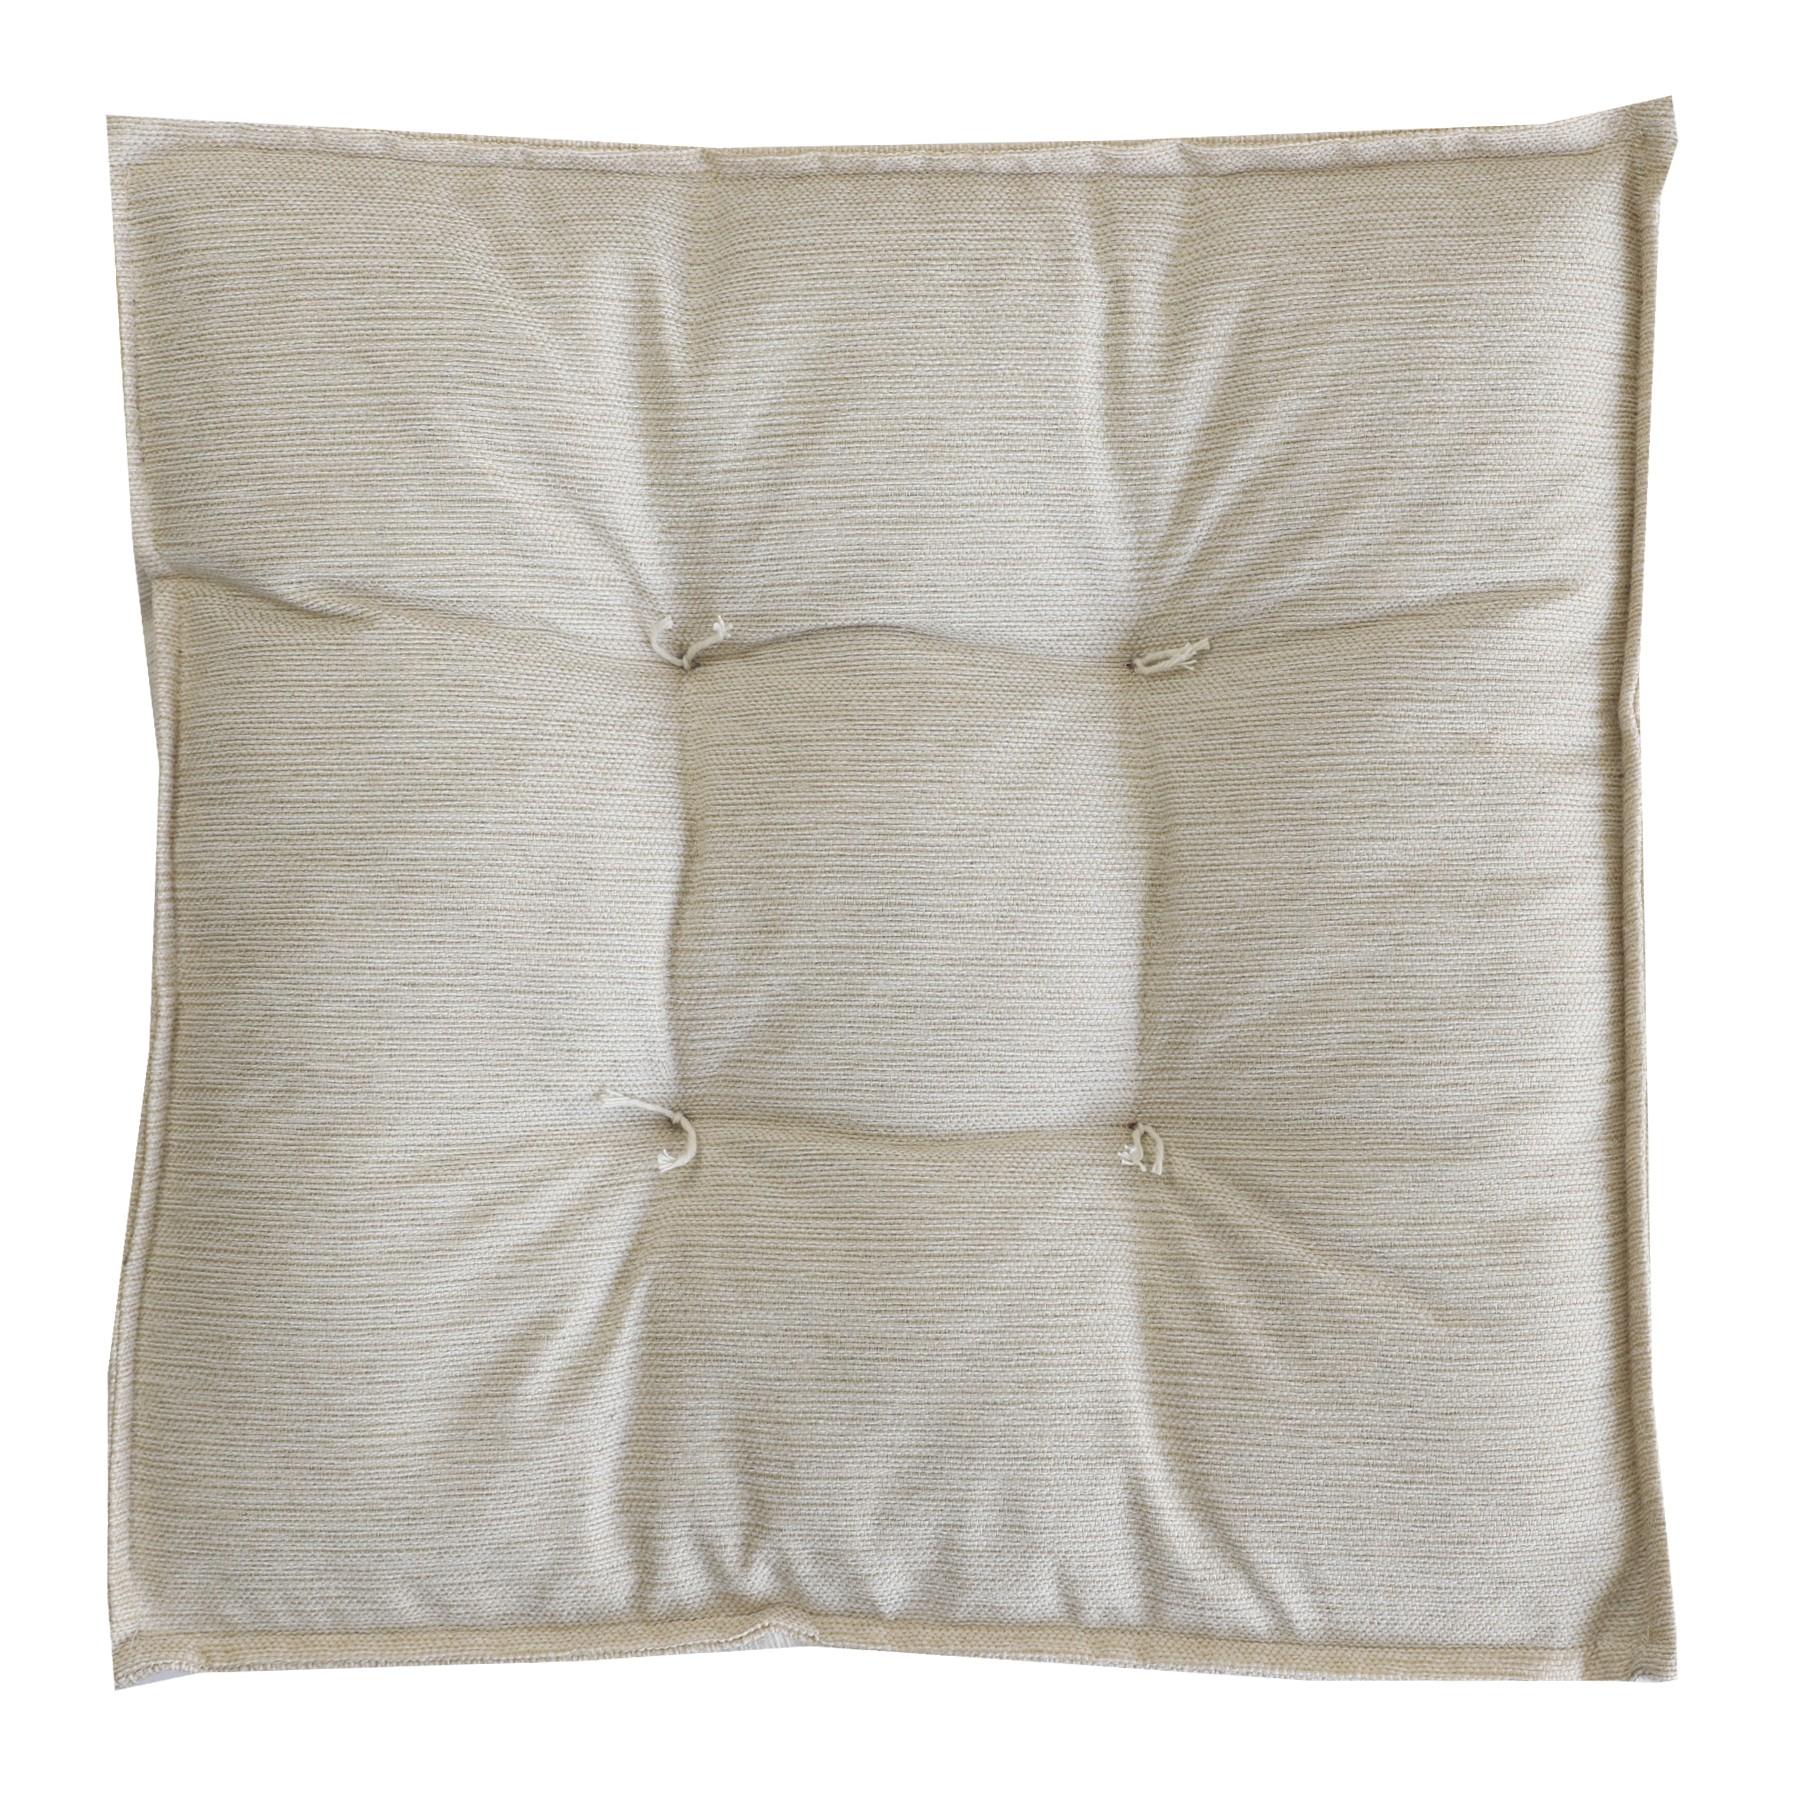 Almofada Futton Linho 45 x 45 cm 02181003 - Madritex